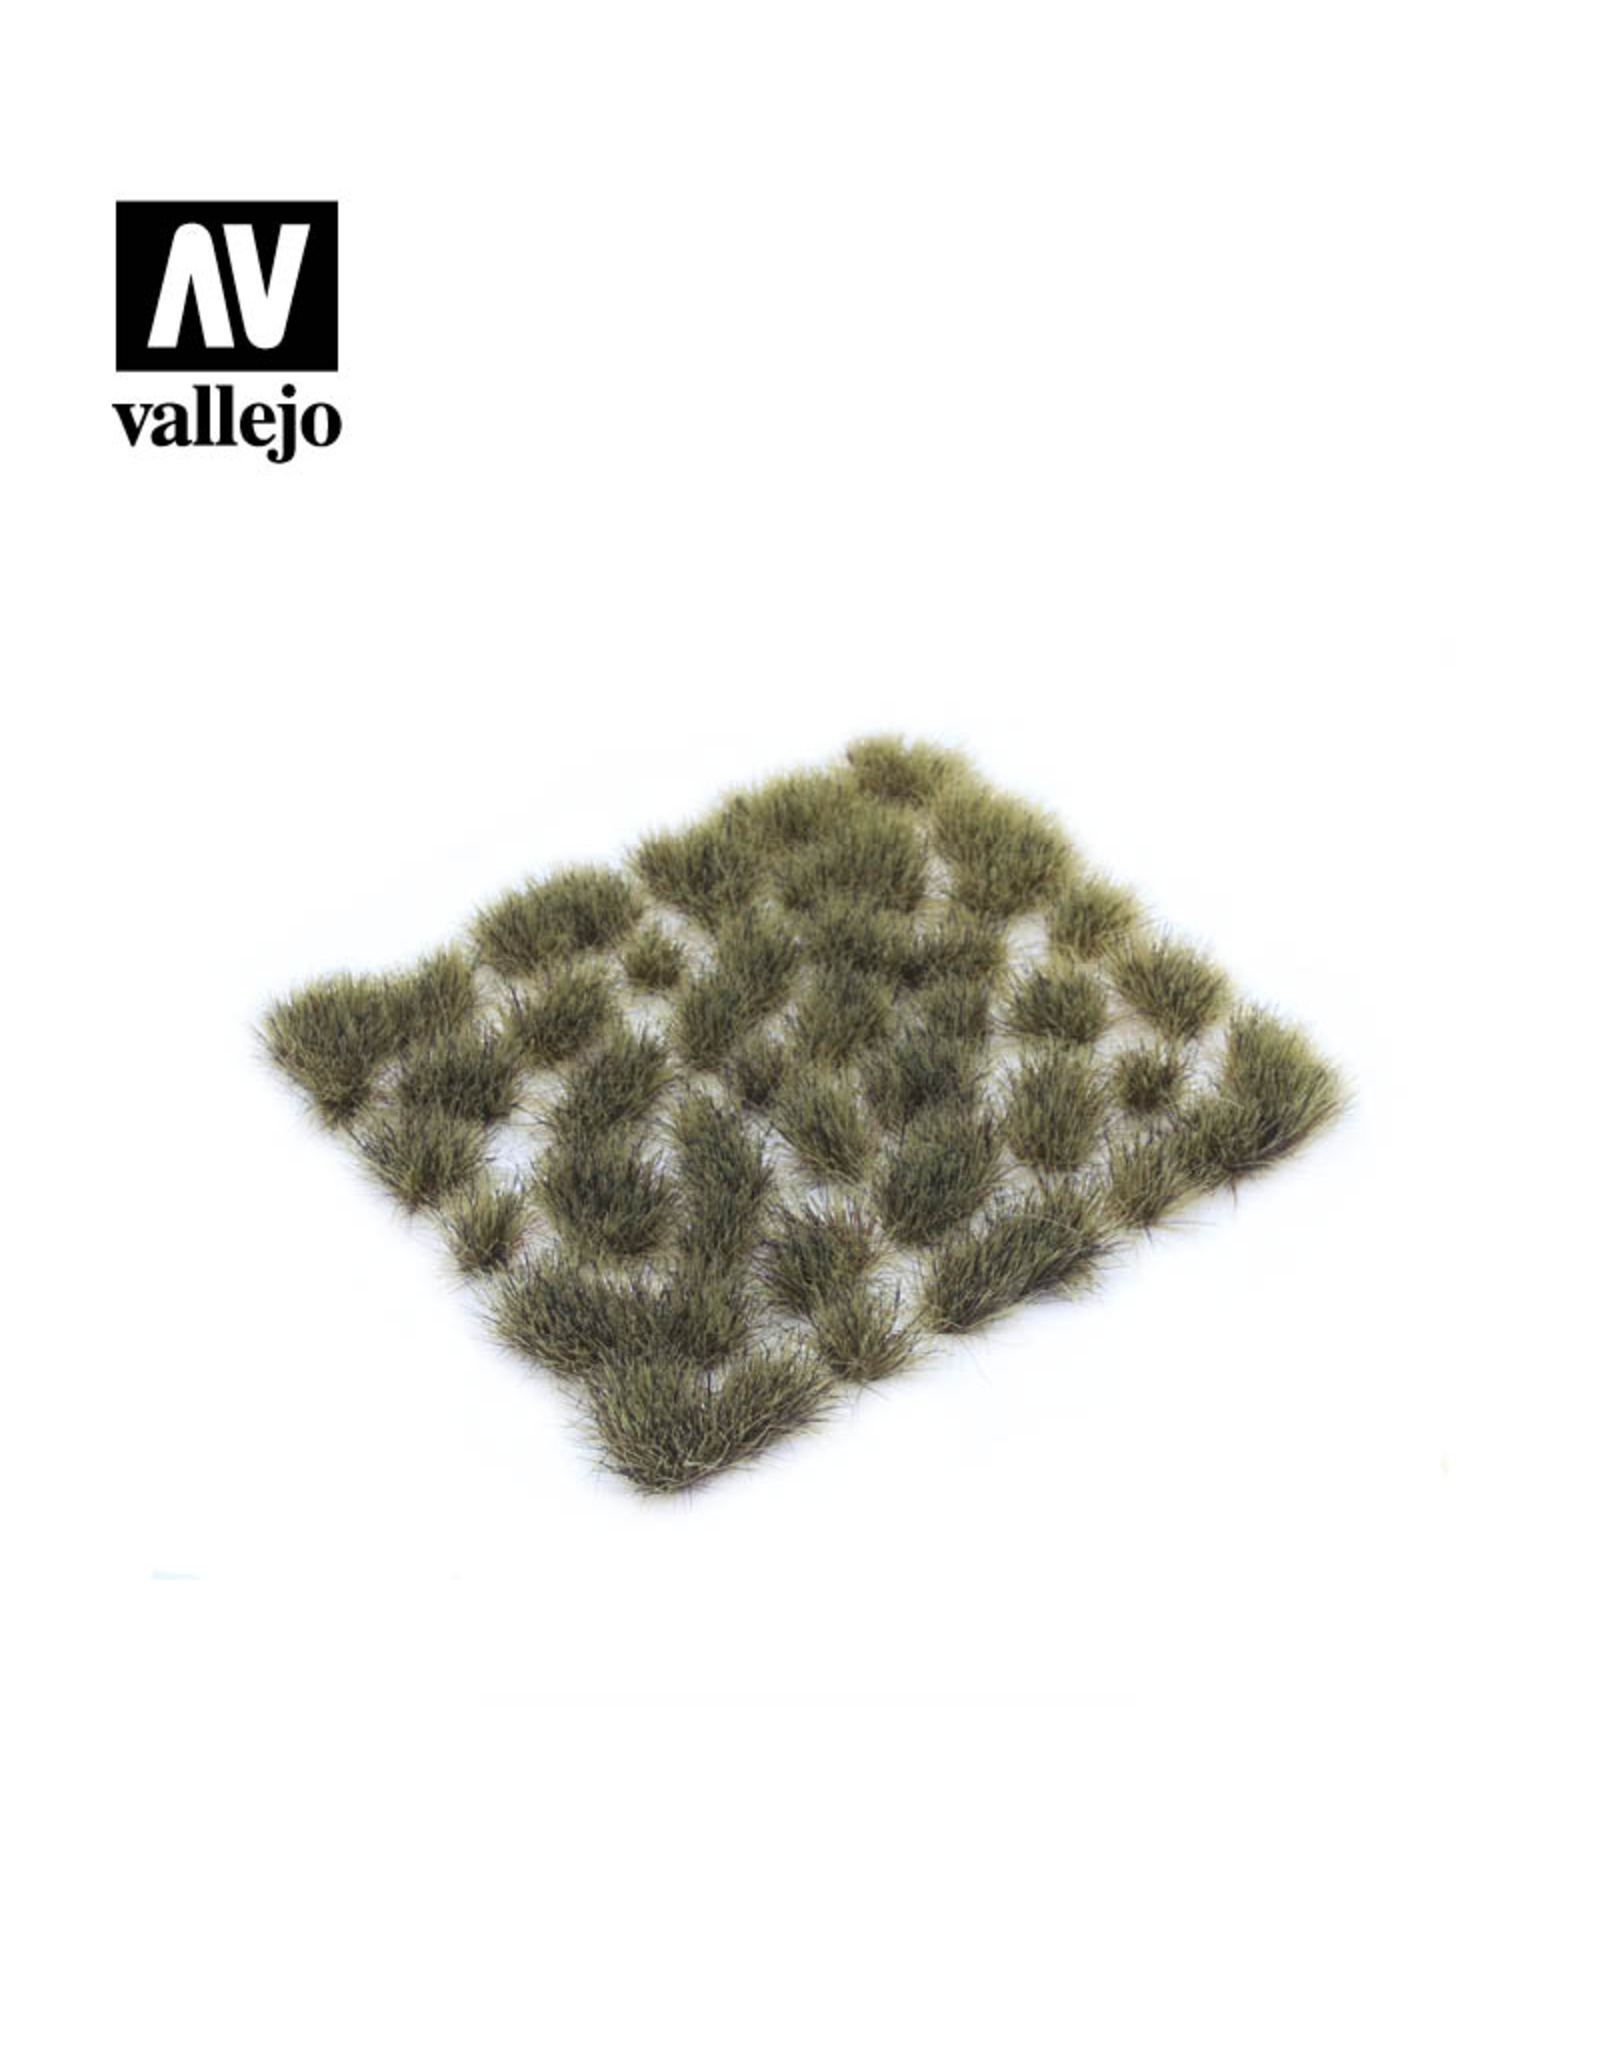 Vallejo Wild tuft - Light Brown (6mm)